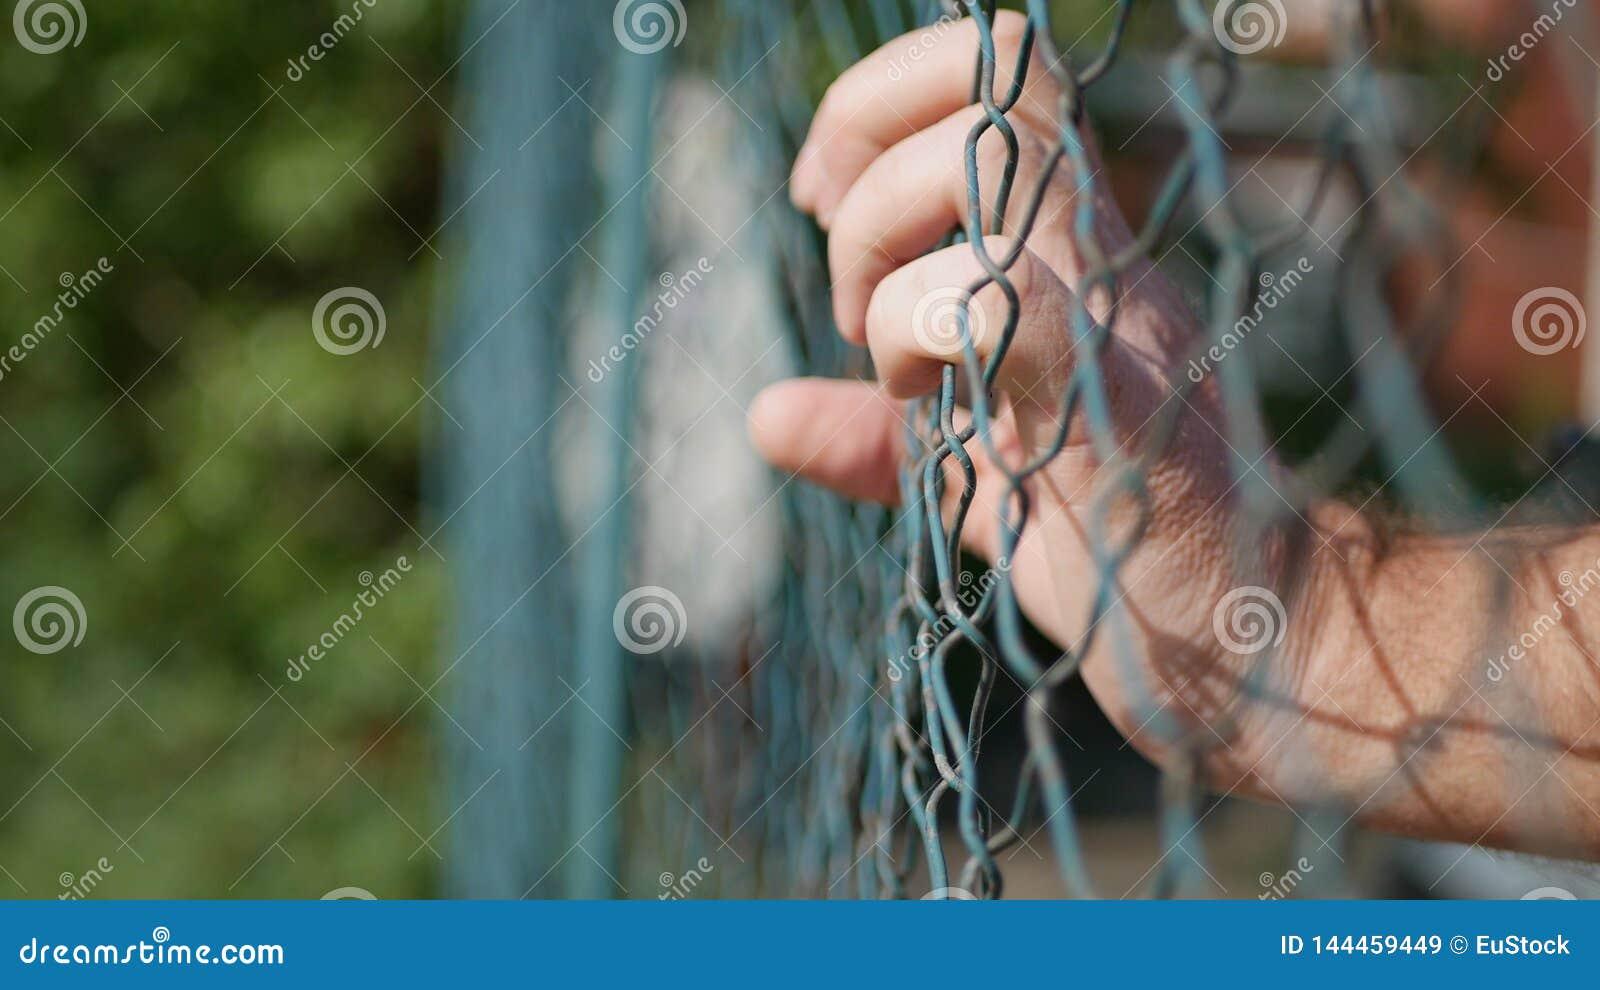 Mains d homme accrochant dans une barrière métallique dans une région de protection